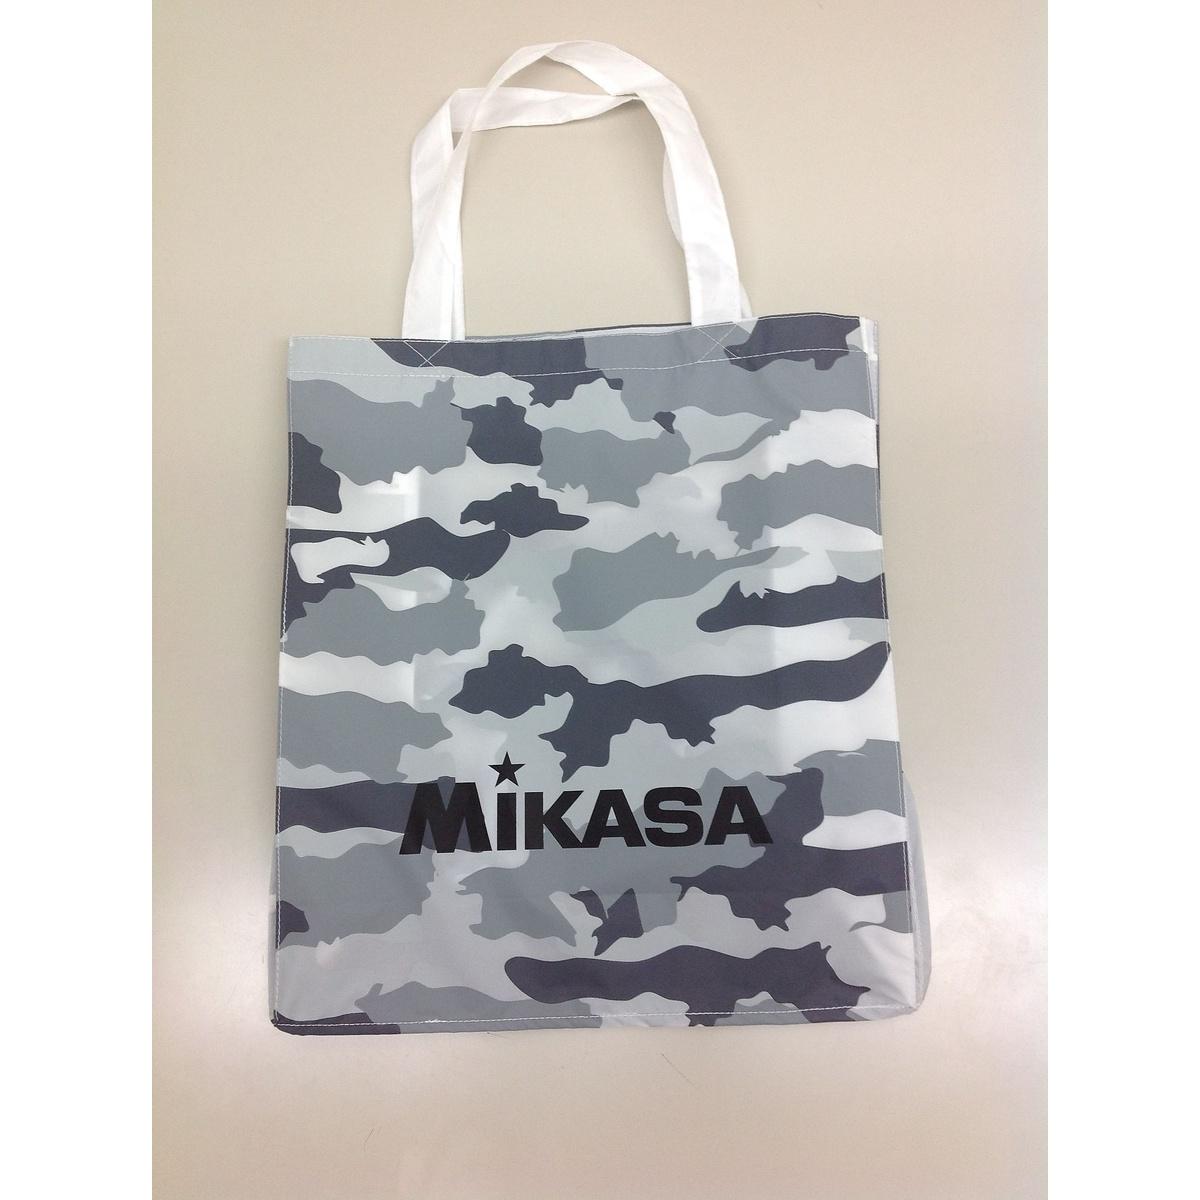 ミカサ スポーツアクセサリー ナップサック MIKASA LEISURE BAG 新登場 BA21SA-WK ホワイト カモ柄 初売り